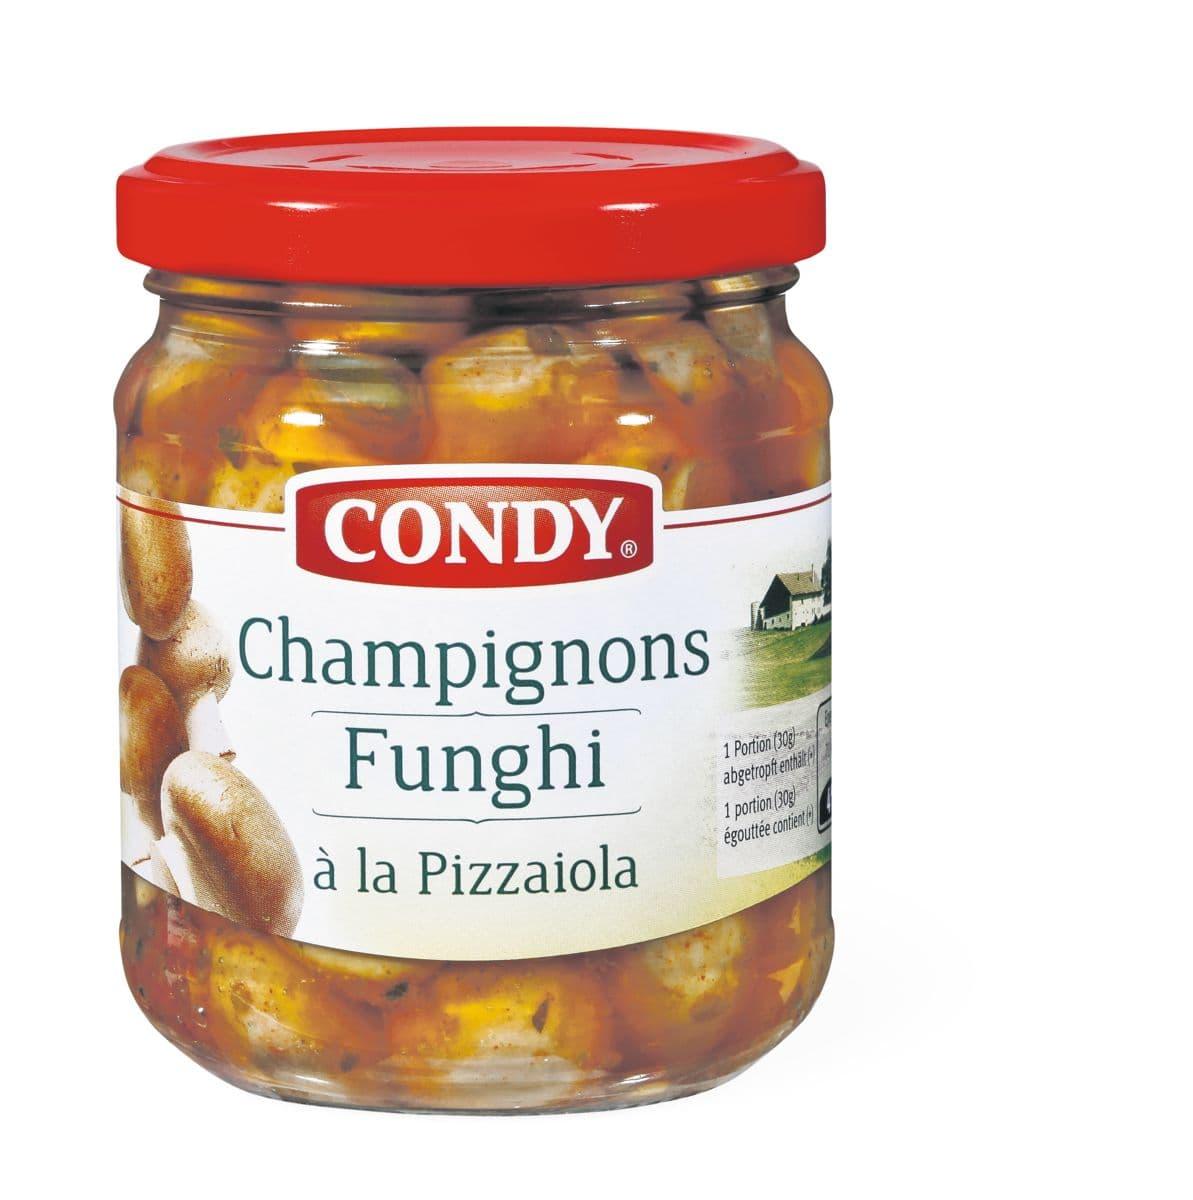 Condy Champignons